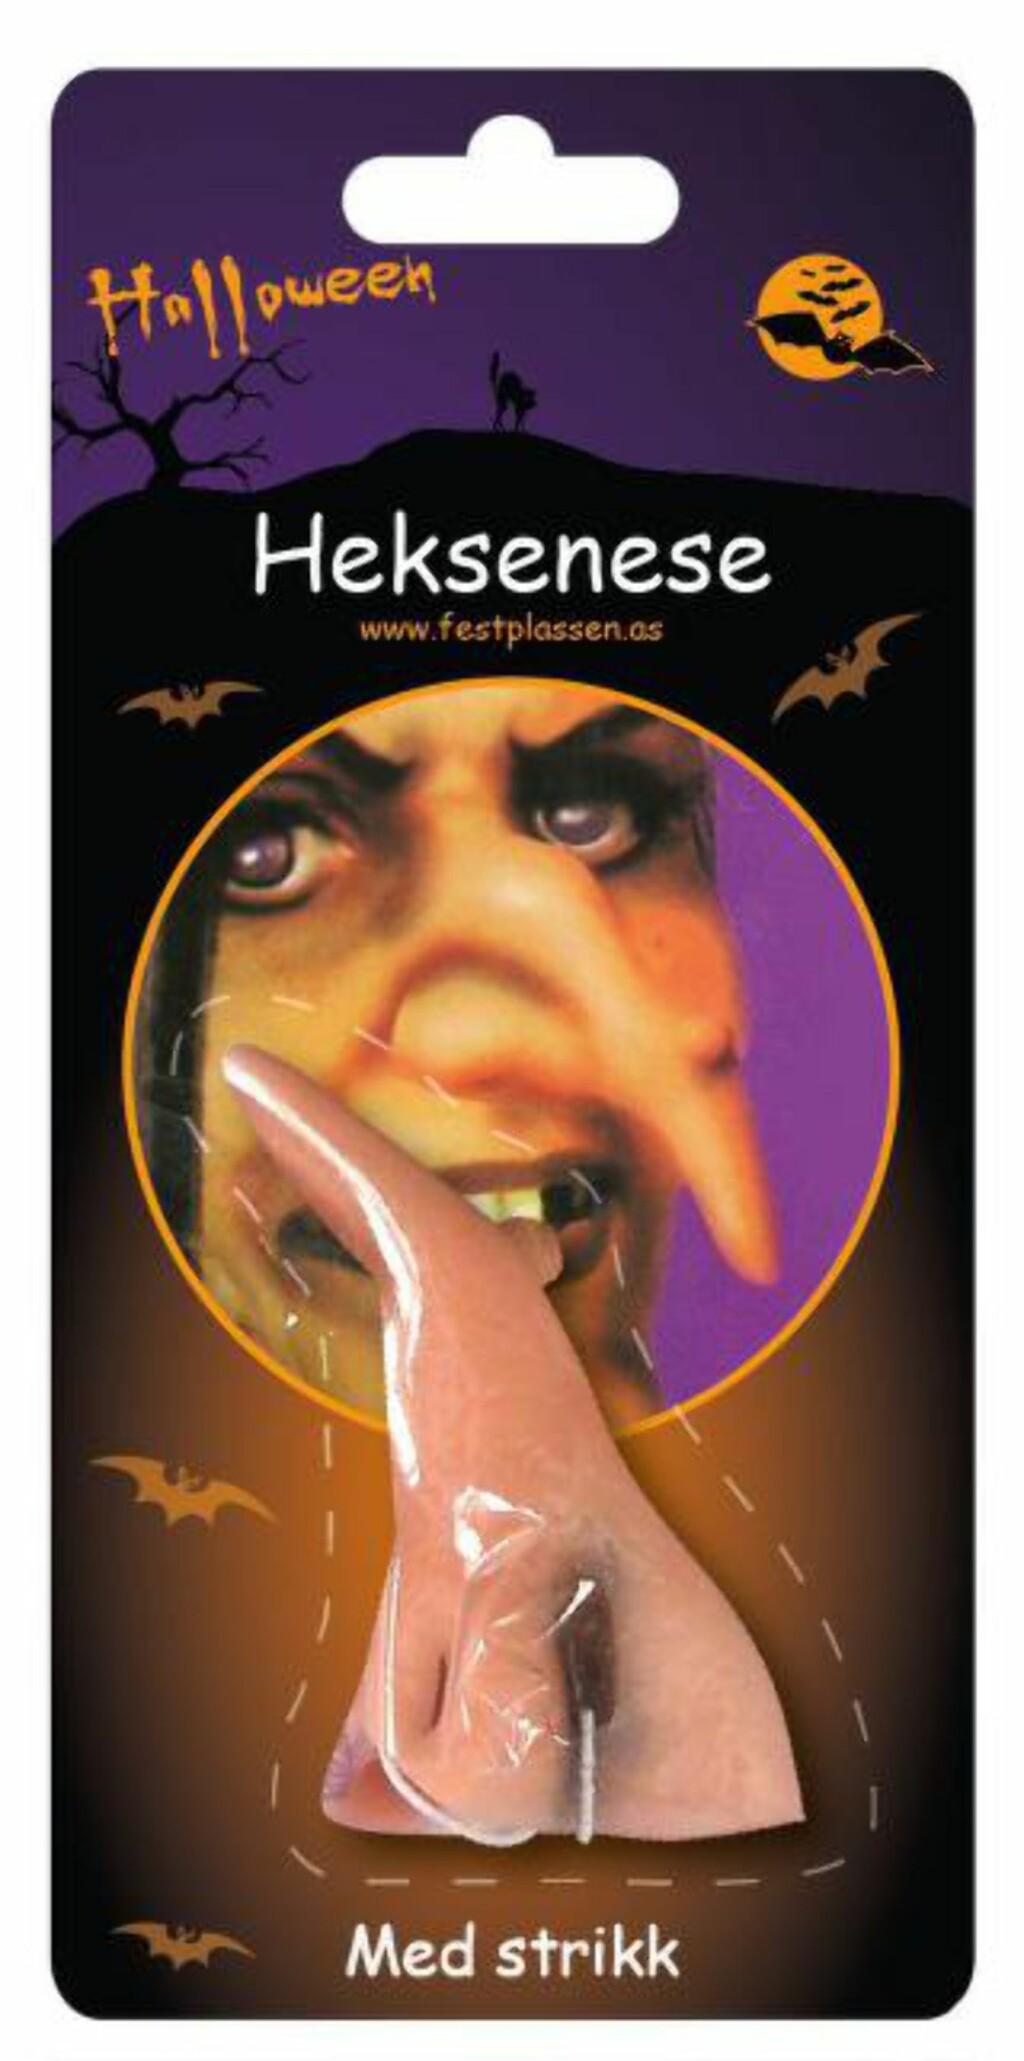 SLIK SER DEN UT: Heksenese-forpakningen. Foto: Festplassen / NTB scanpix